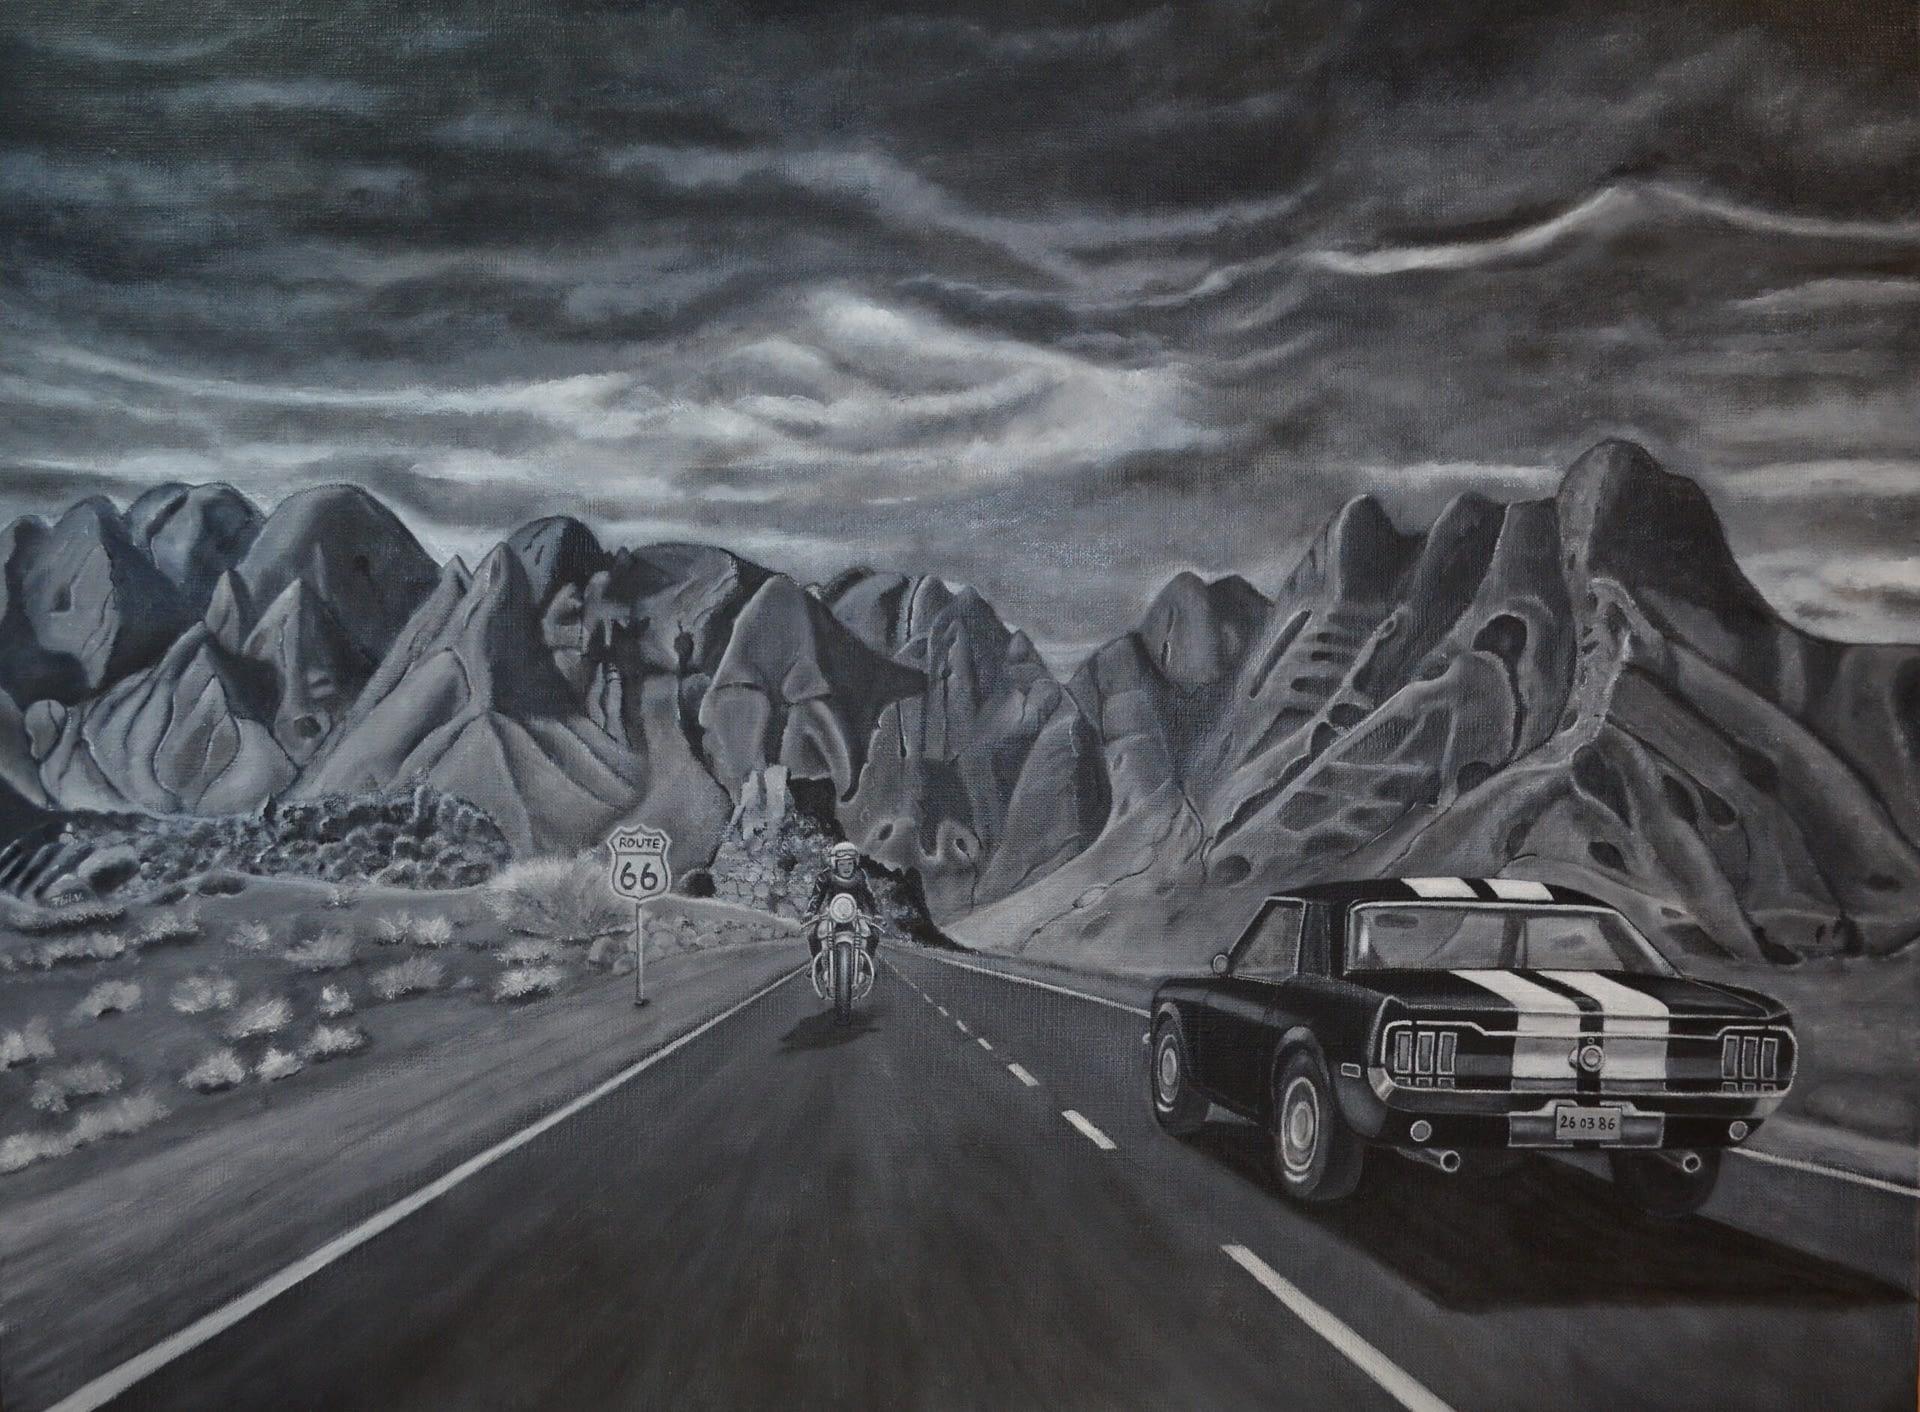 Peinture en noir et blanc d'une voiture